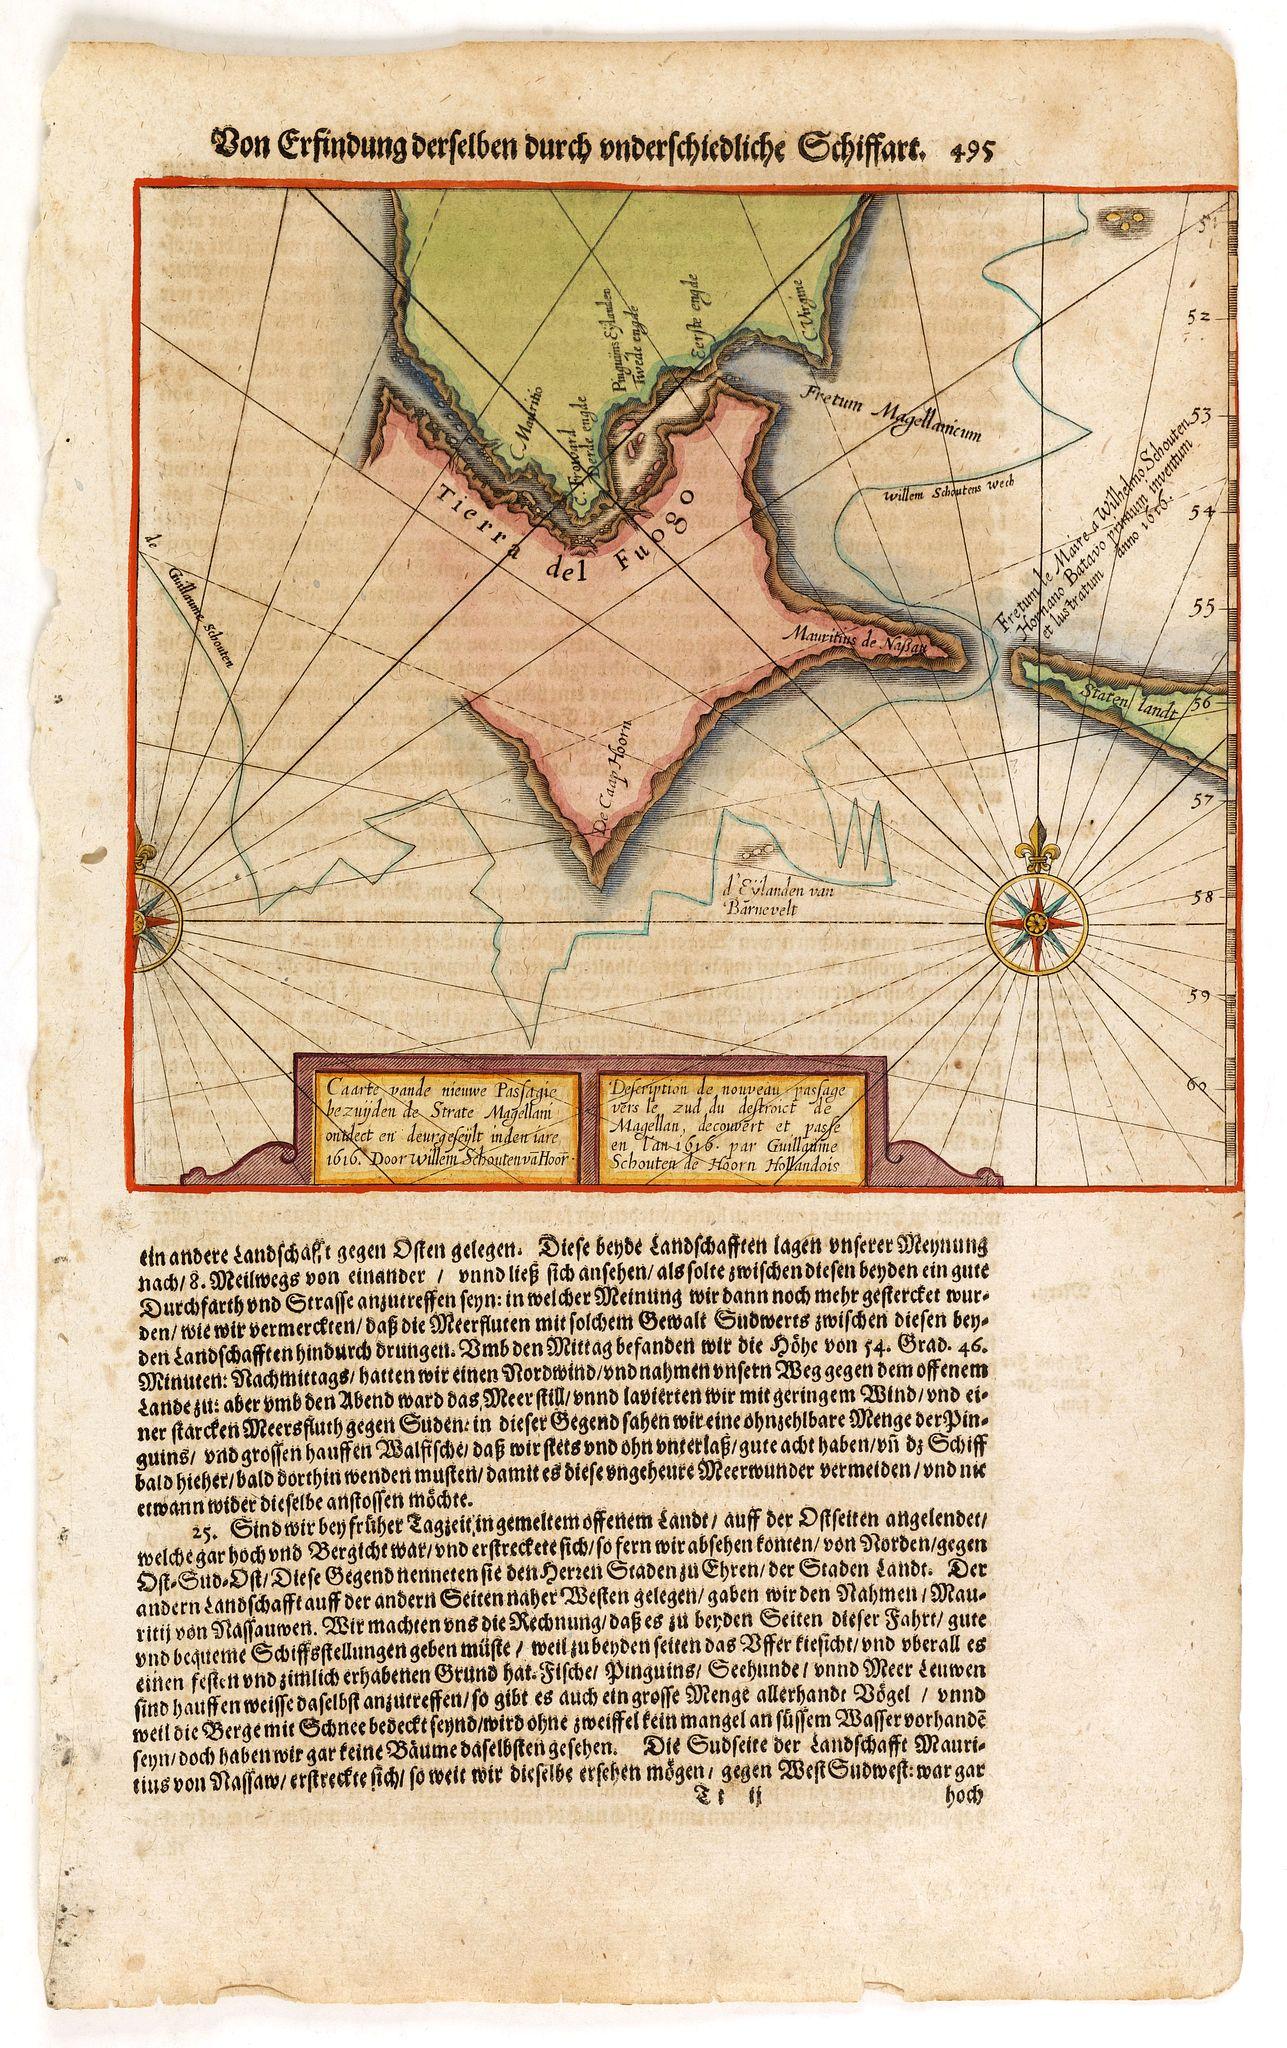 DE BRY, T. -  Caarte vande nieuwe Passagie bezuijden de Strate Magellan. . . / Description de nouveau passage vers le zud du destroit de Maggellan. . .